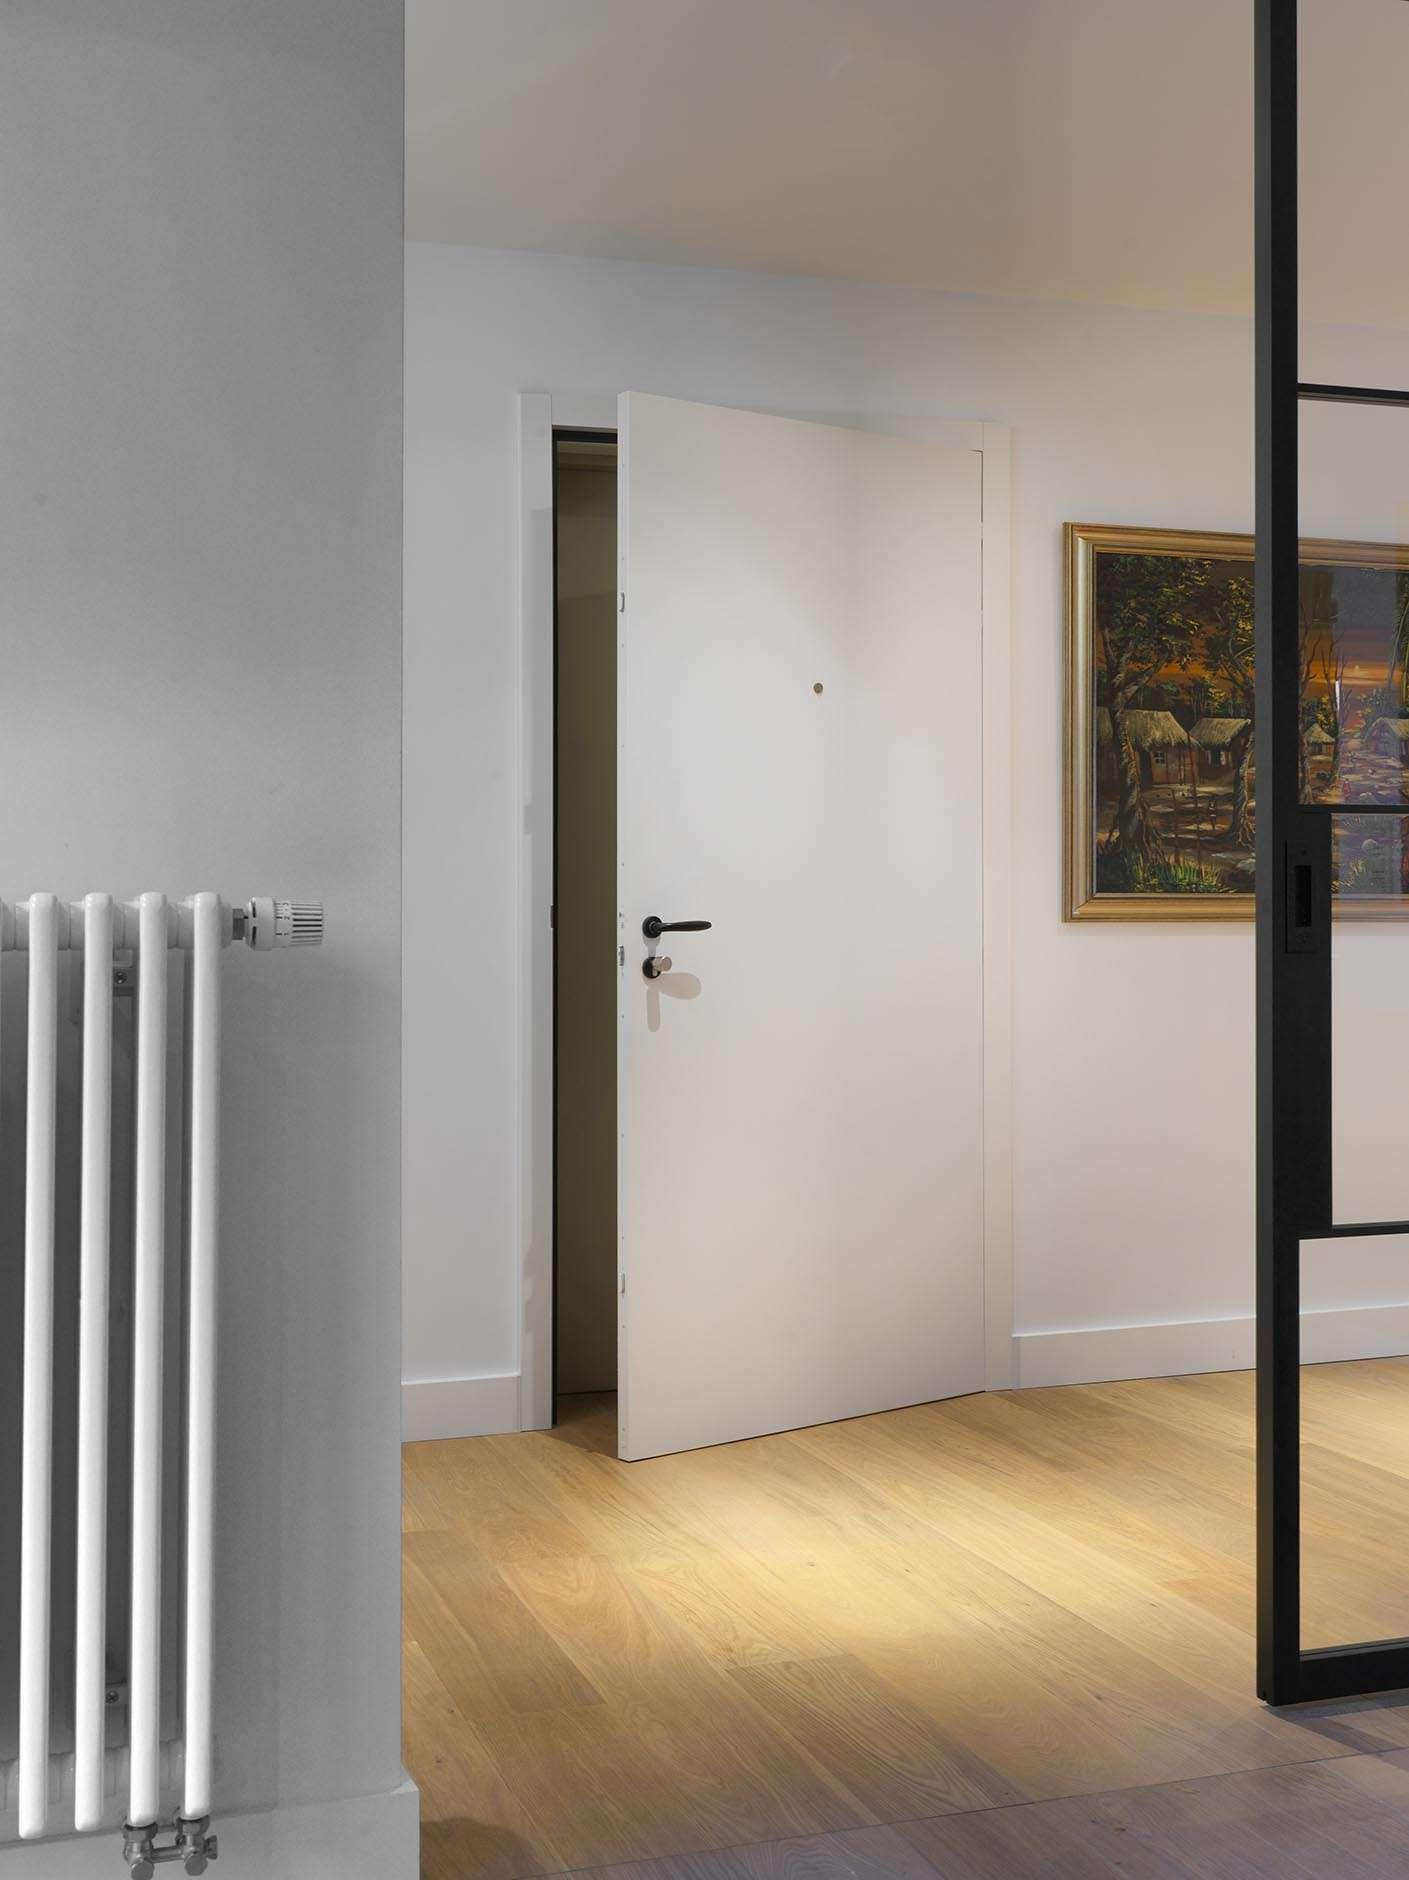 inkomdeur-appartement-veiligheidsdeur-Nordex